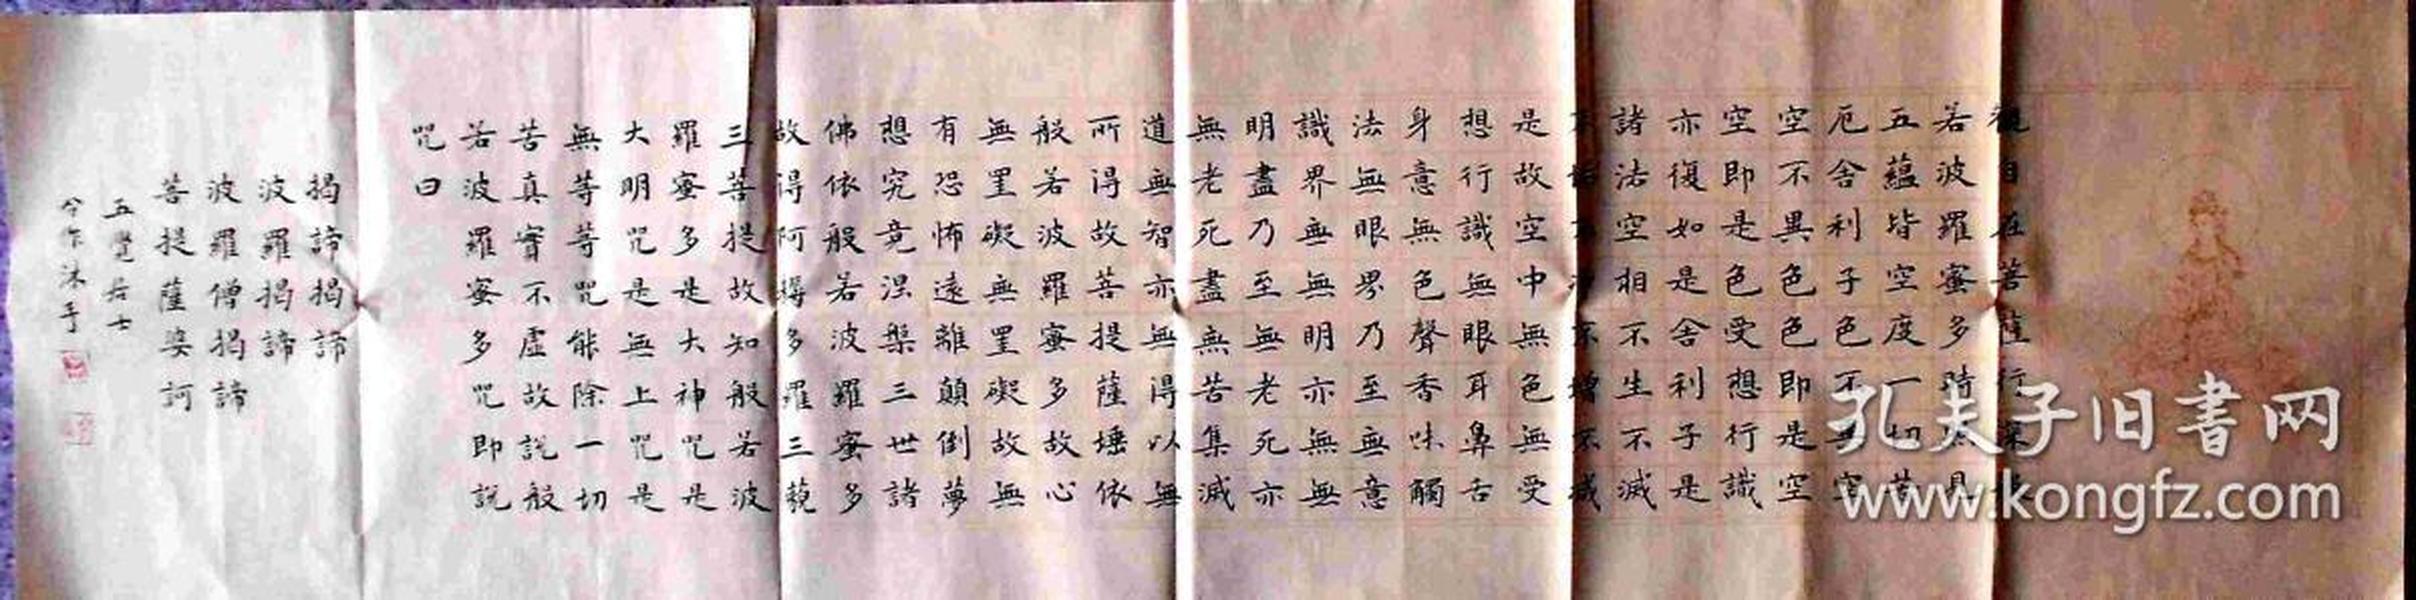 中书协会员、河北书协楷书委员孟令作四尺对开书法真迹 楷书心经